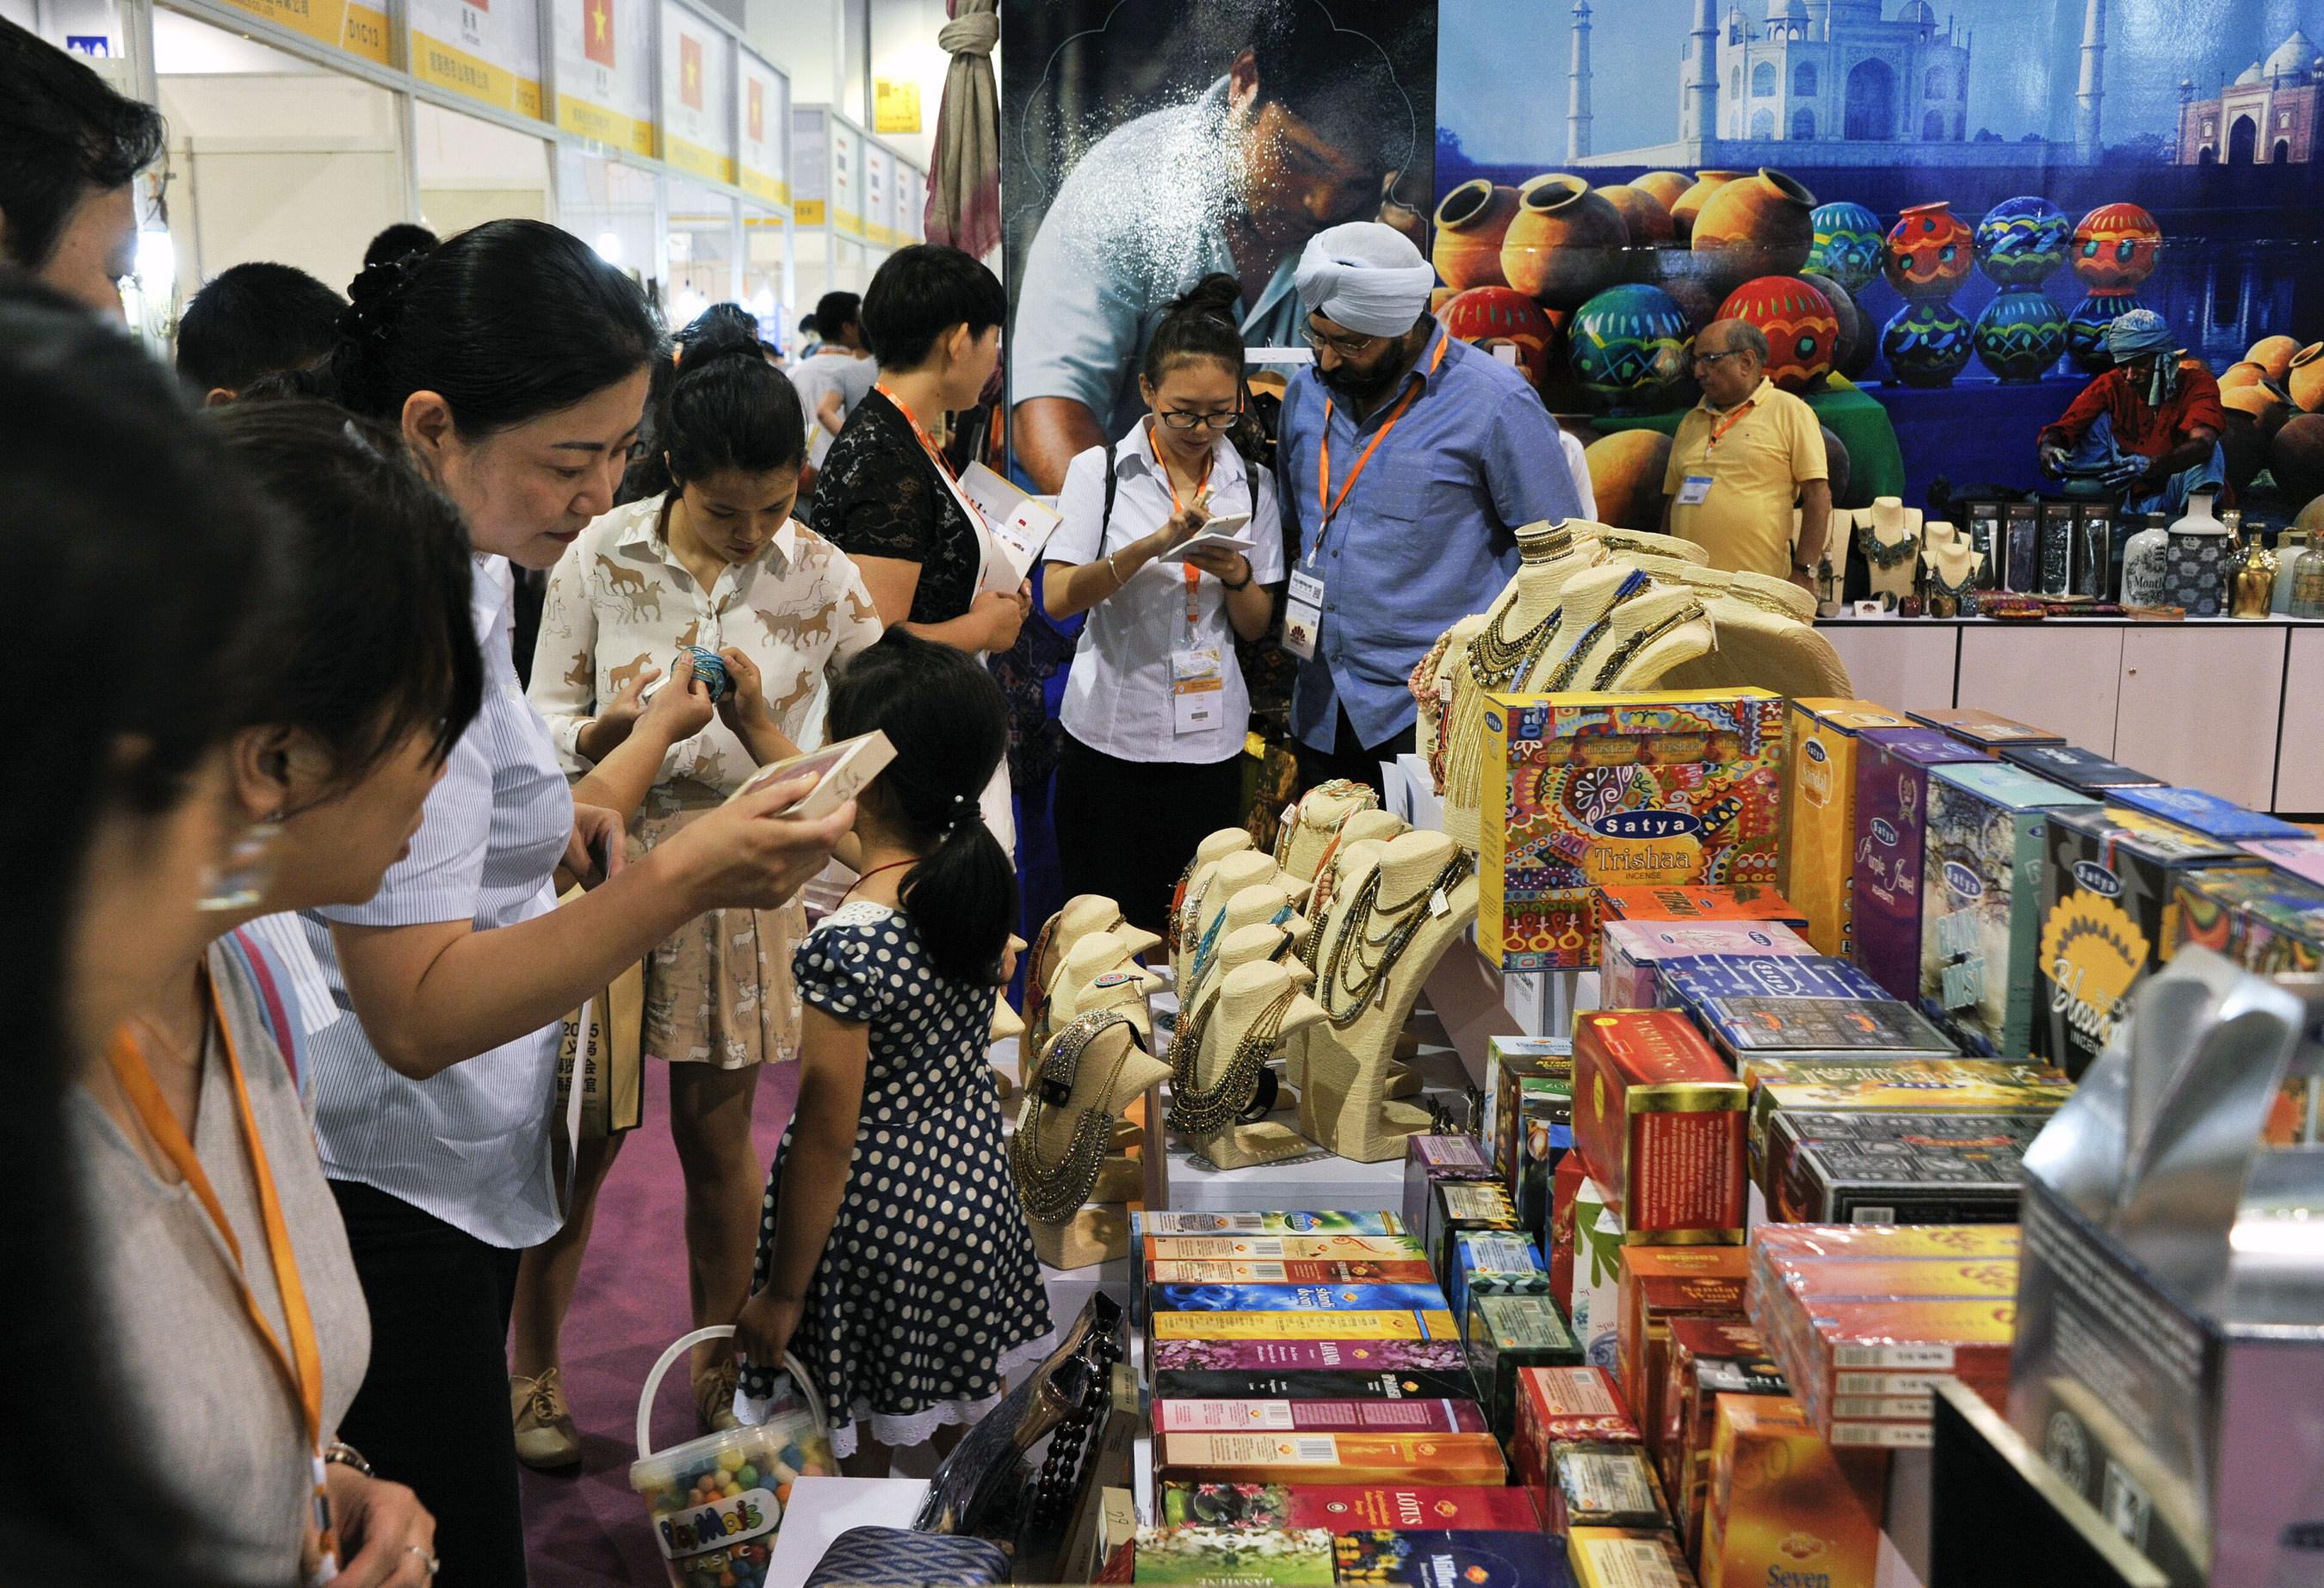 Yiwu zhromaždilo 1 500 vystavovateľov a stáva sa bránou pre malé a stredné podniky v krajinách